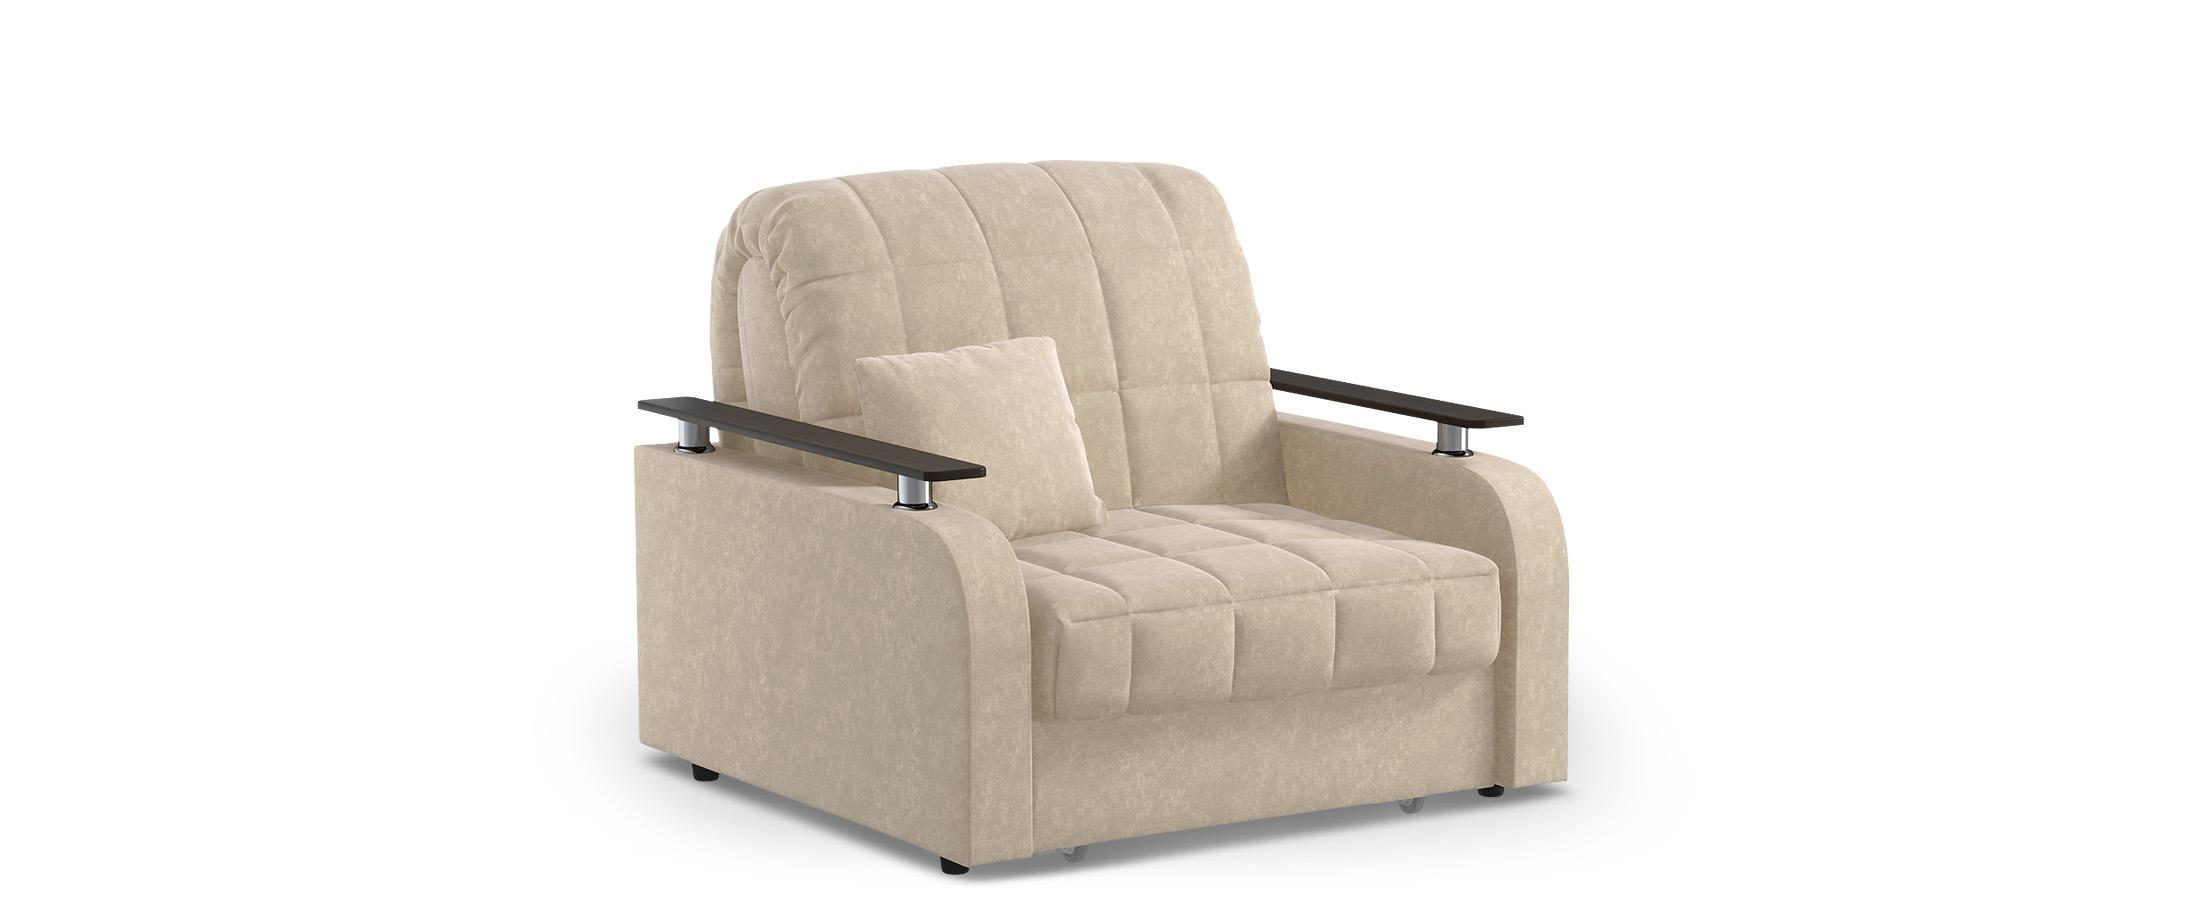 Кресло-кровать Карина 044Купить бежевое кресло-кровать Карина 044. Доставка от 1 дня. Подъём, сборка, вынос упаковки. Гарантия 18 месяцев. Интернет-магазин мебели MOON-TRADE.RU